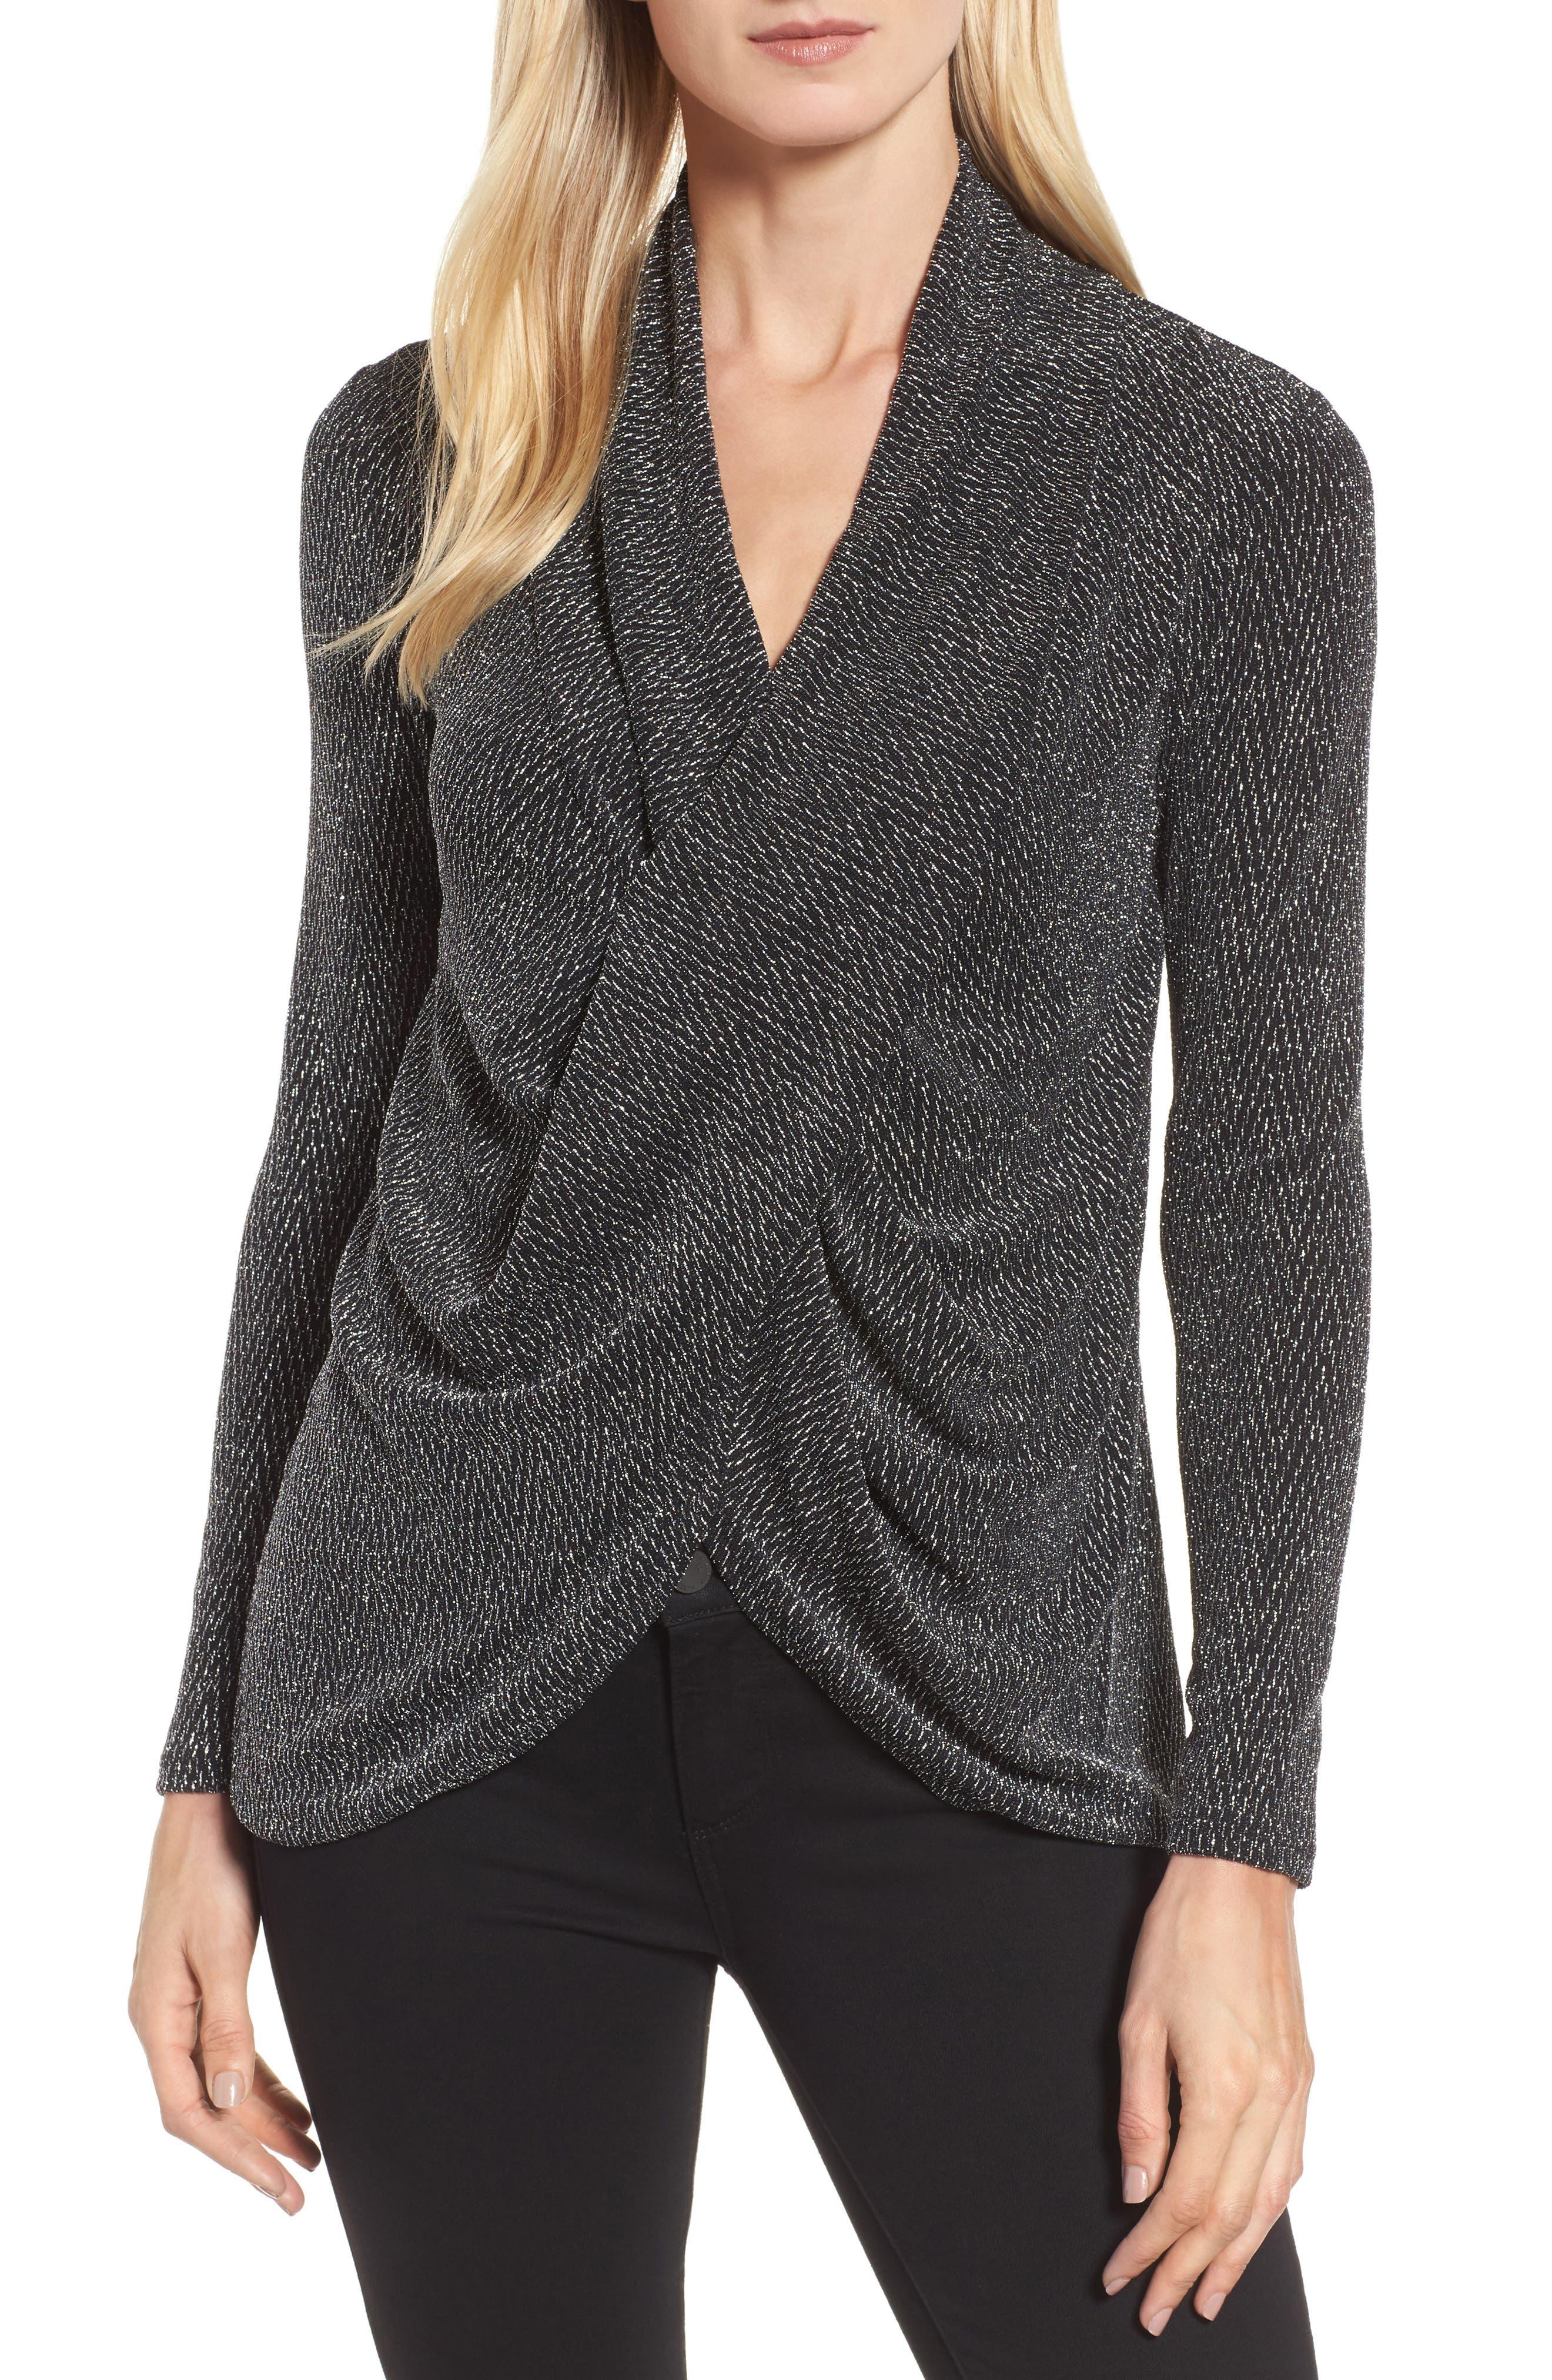 Main Image - Chaus Long Drape Front Sparkle Knit Top